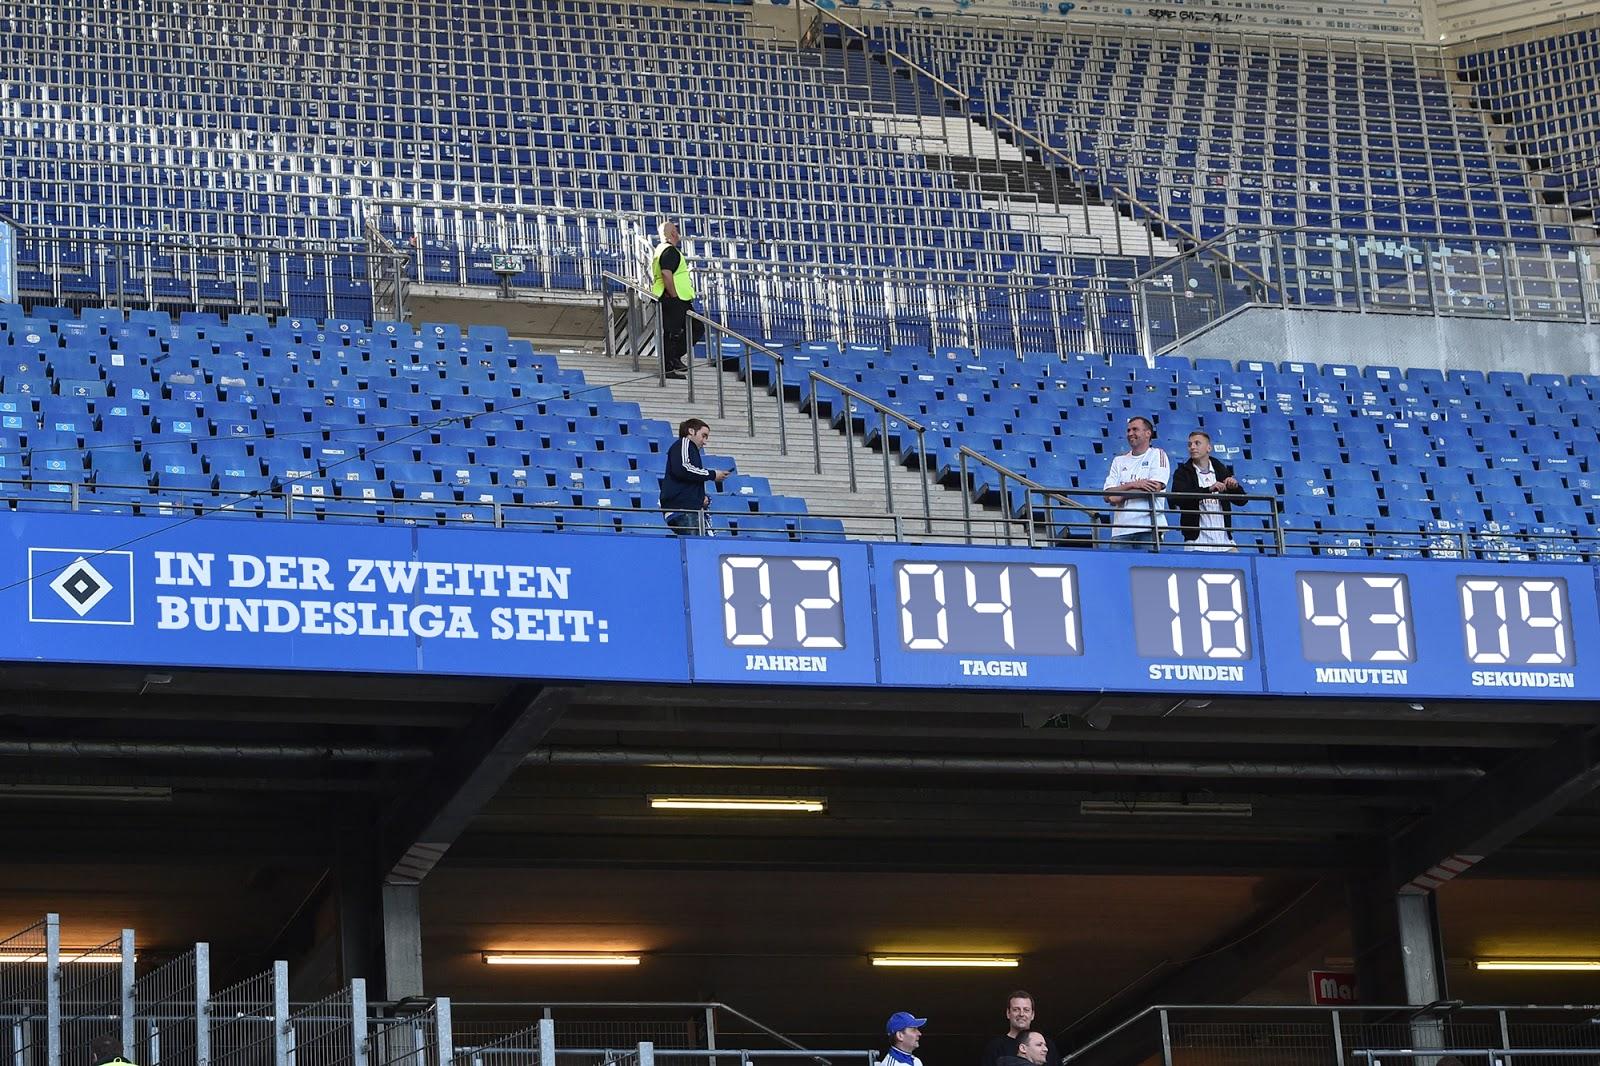 langsam hsv installiert stadionuhr